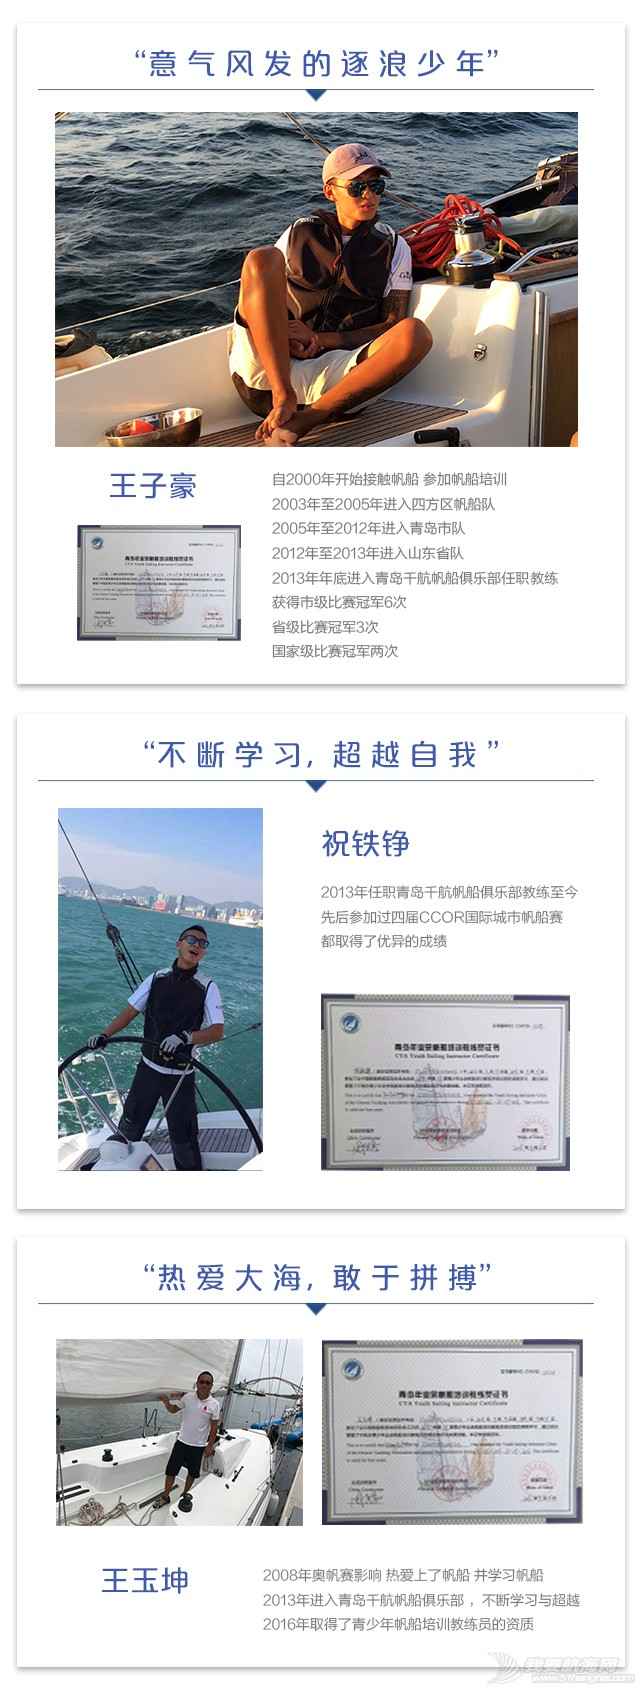 """千航为您的孩子起航——千航帆船俱乐部取得""""青少年帆船培训教练员""""的资质"""